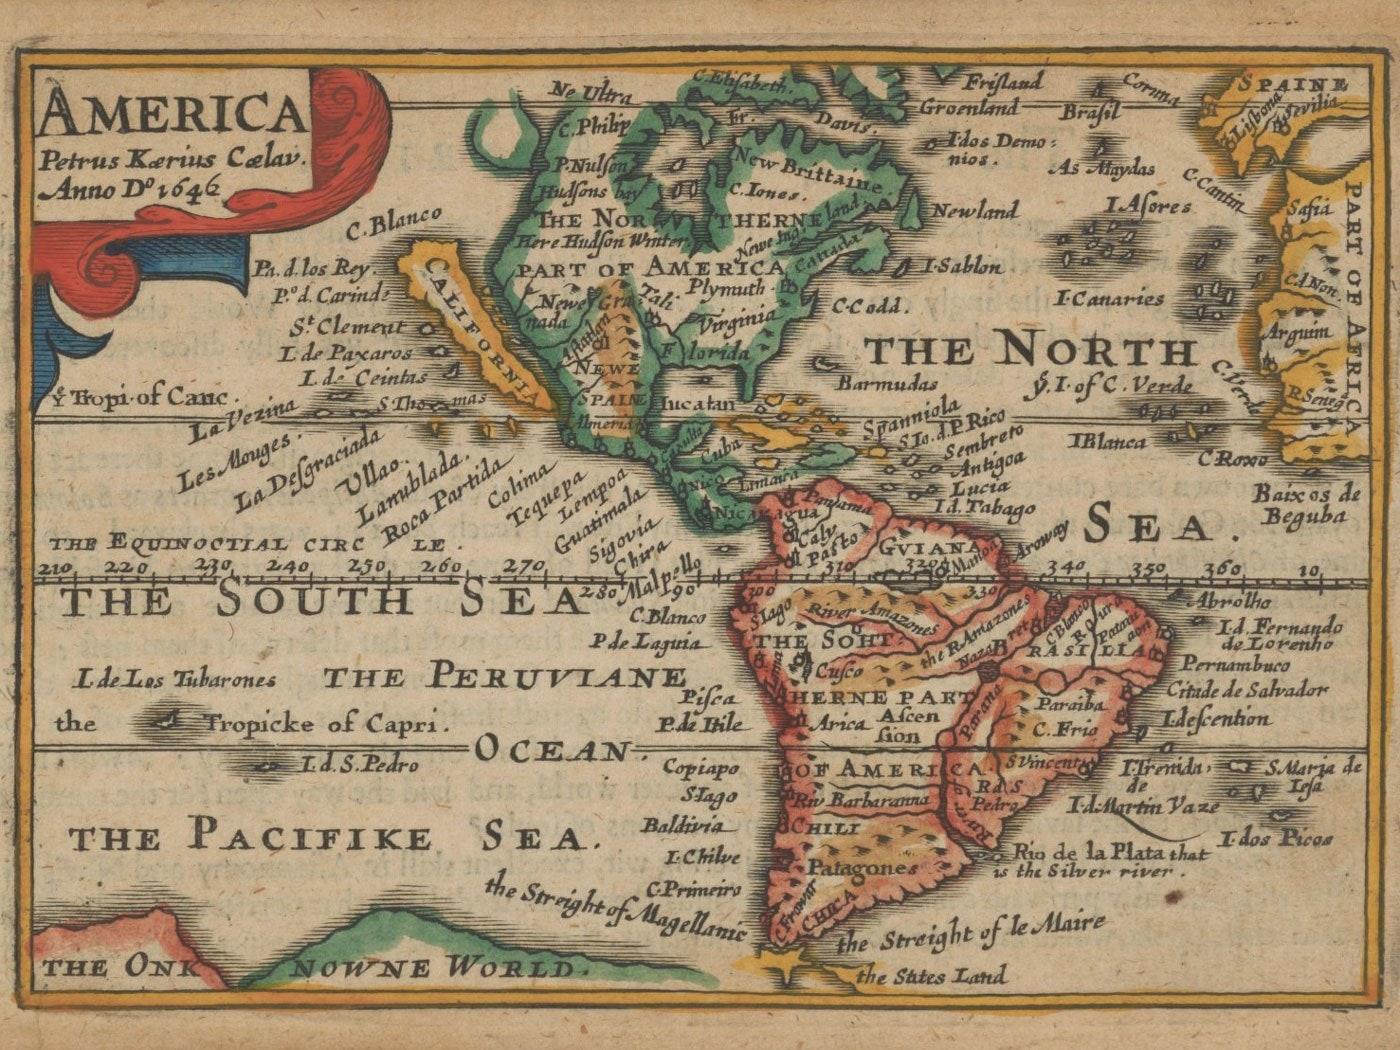 California as an Island Keere 1646